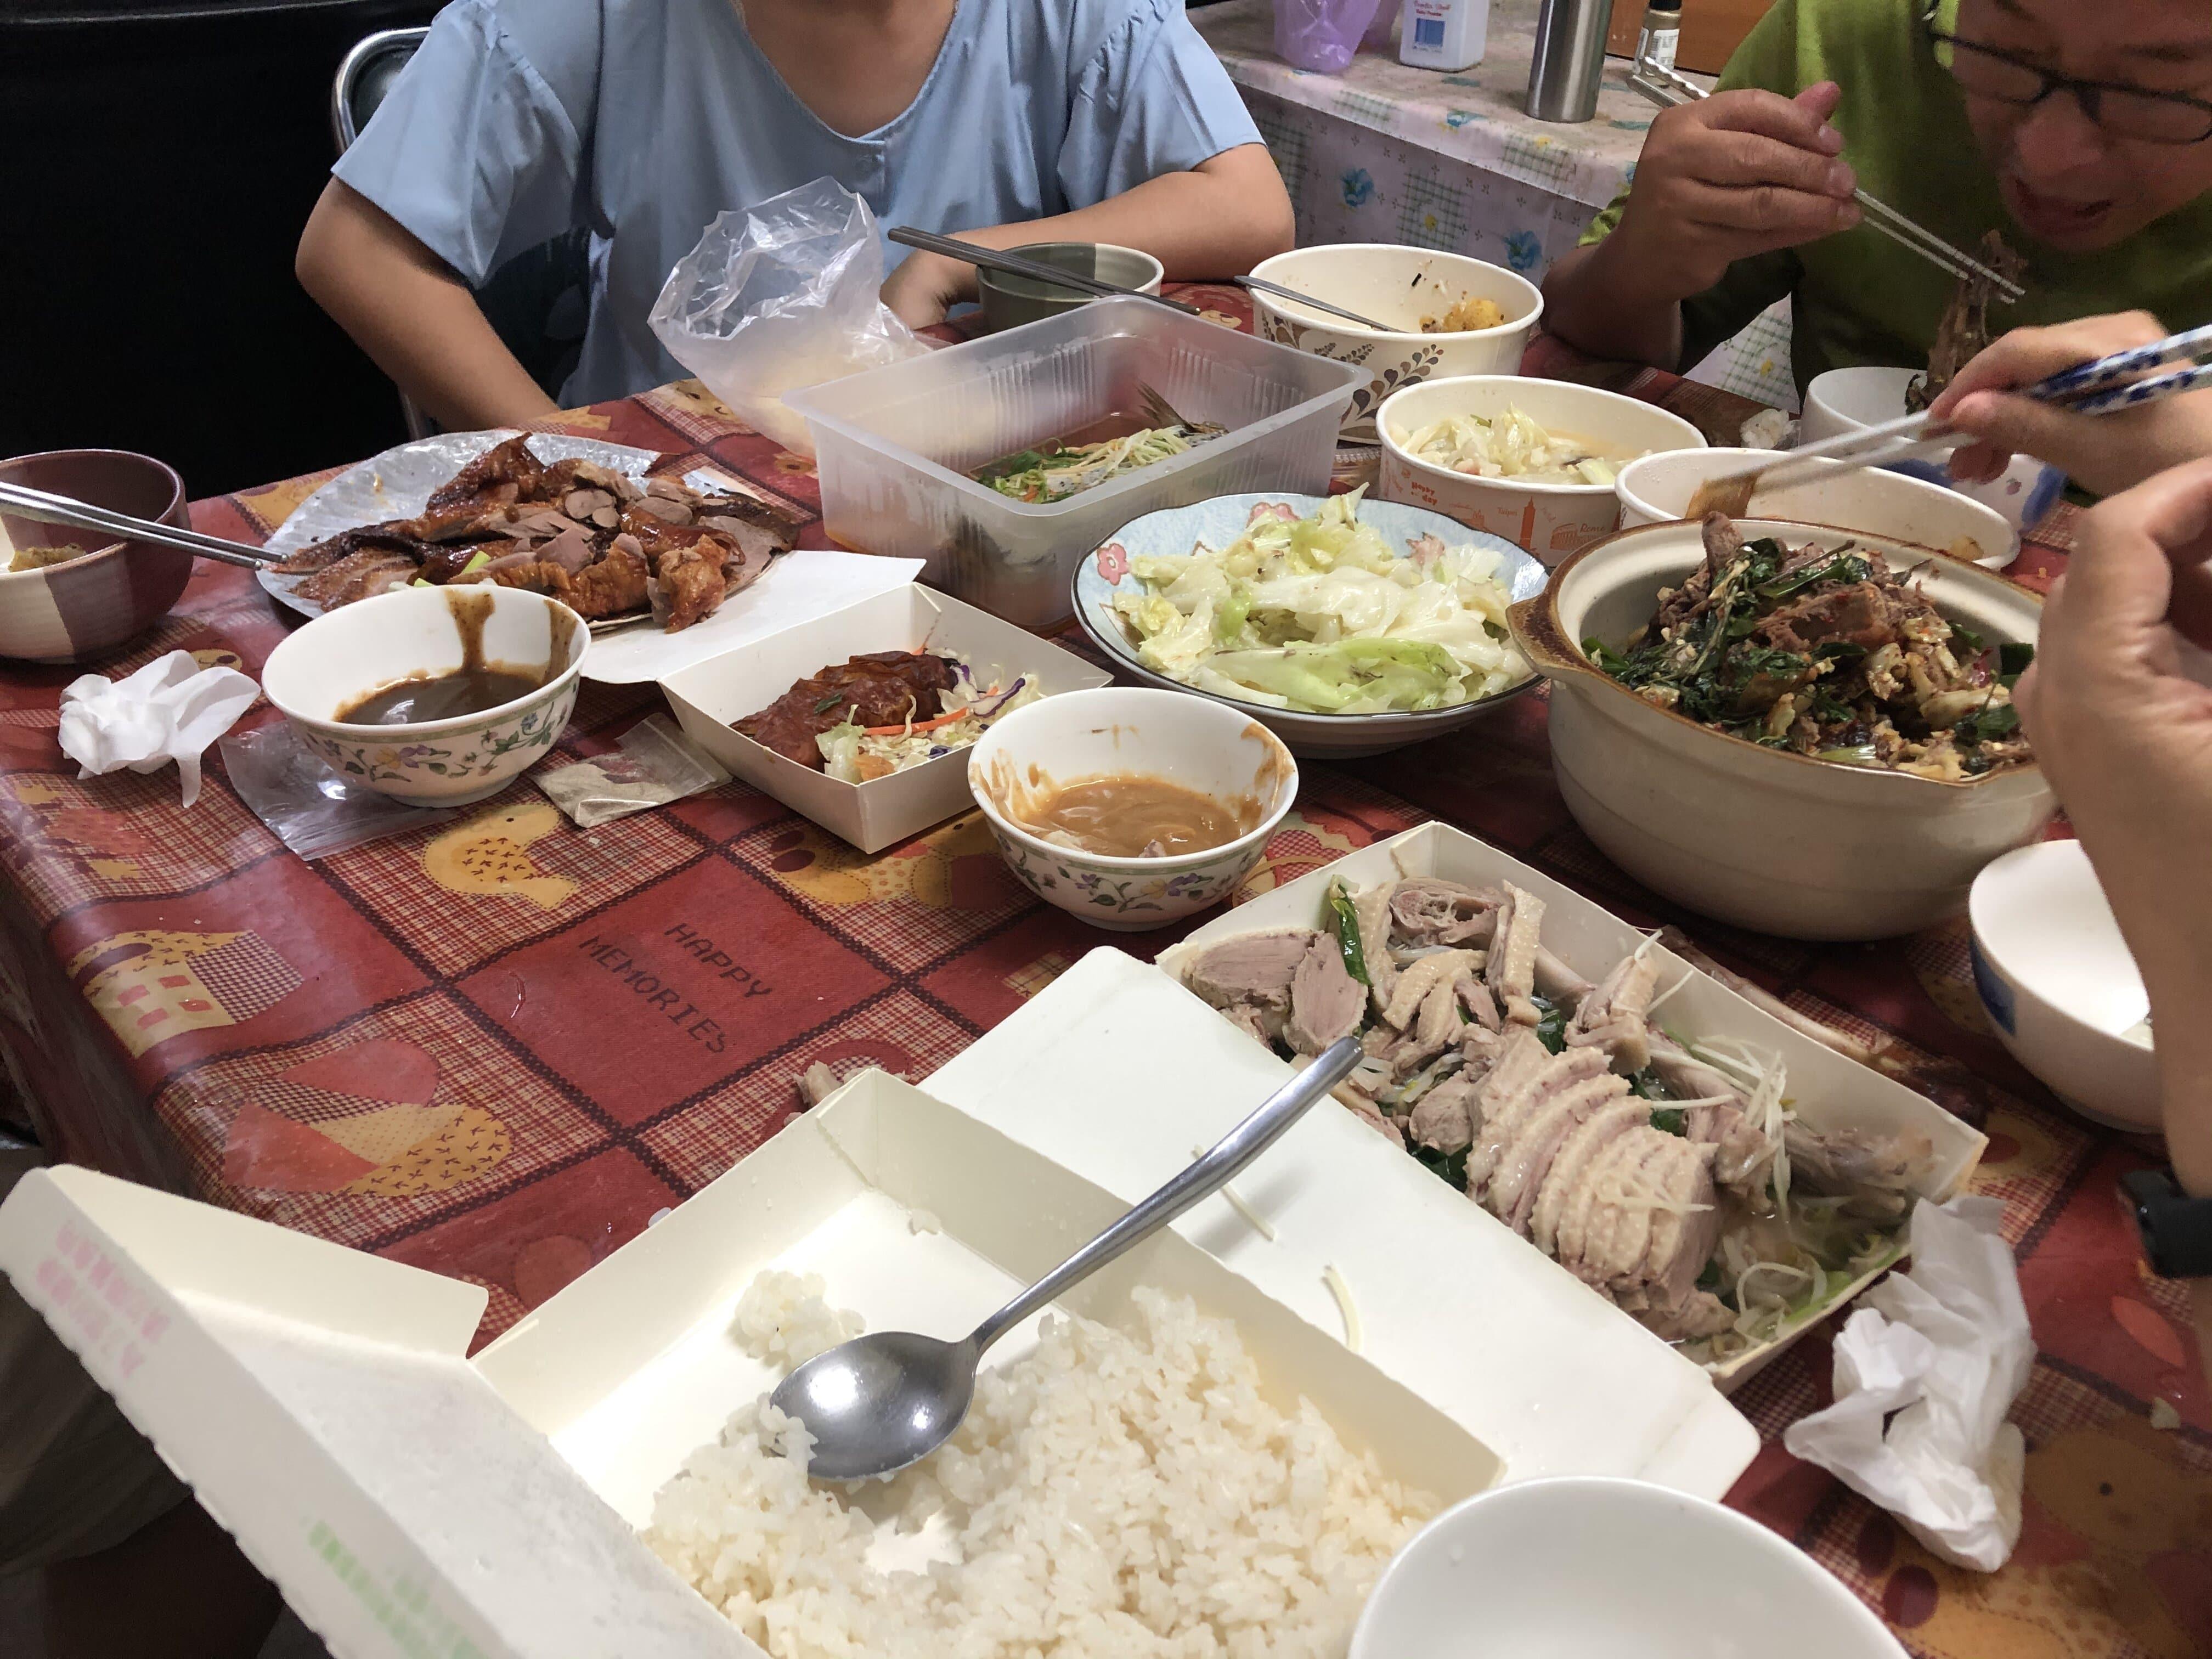 2021年6月26日 外婆生日 晚上在外婆家吃烤鴨聚餐